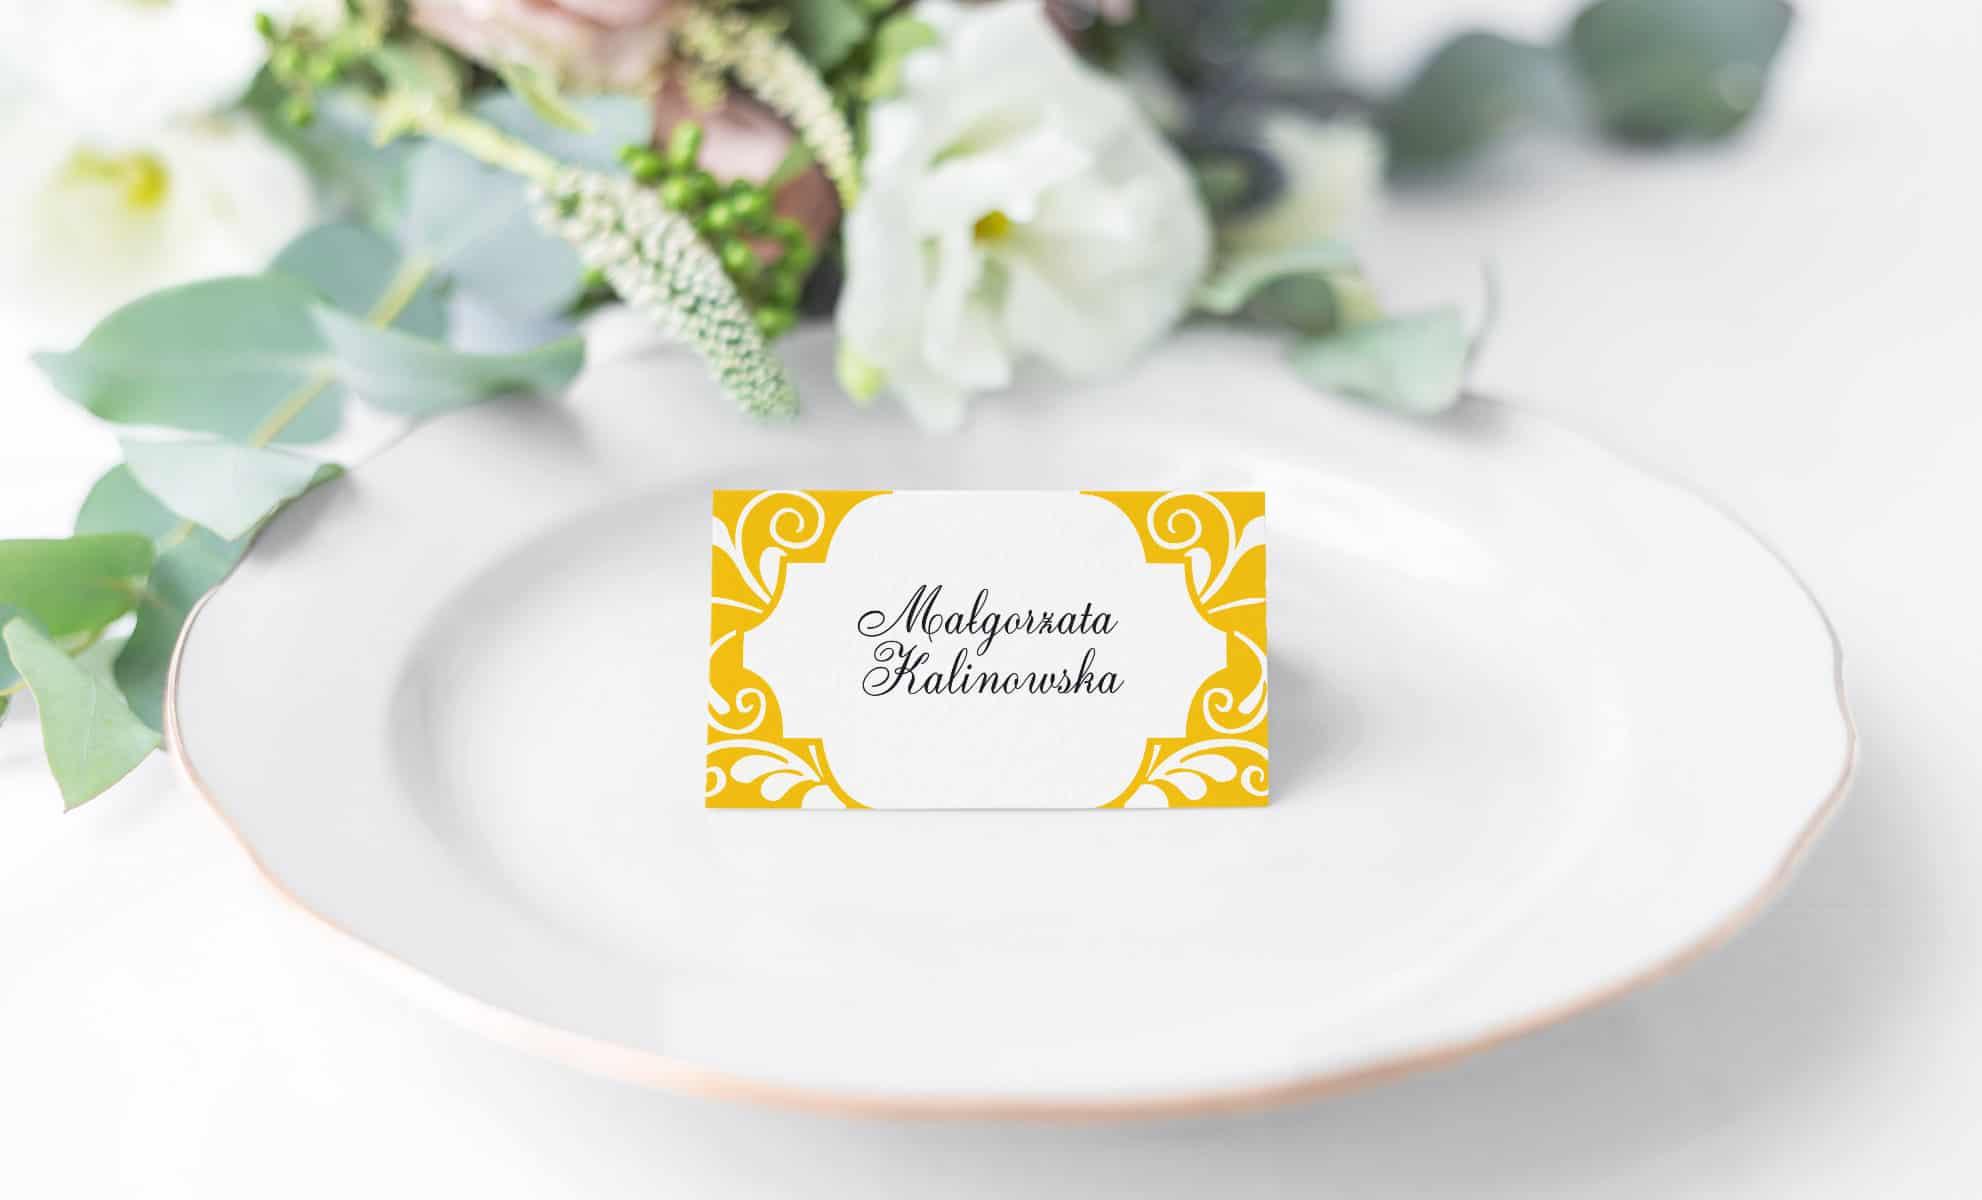 Winietki weselne w kolorze słonecznika i ładną czcionką